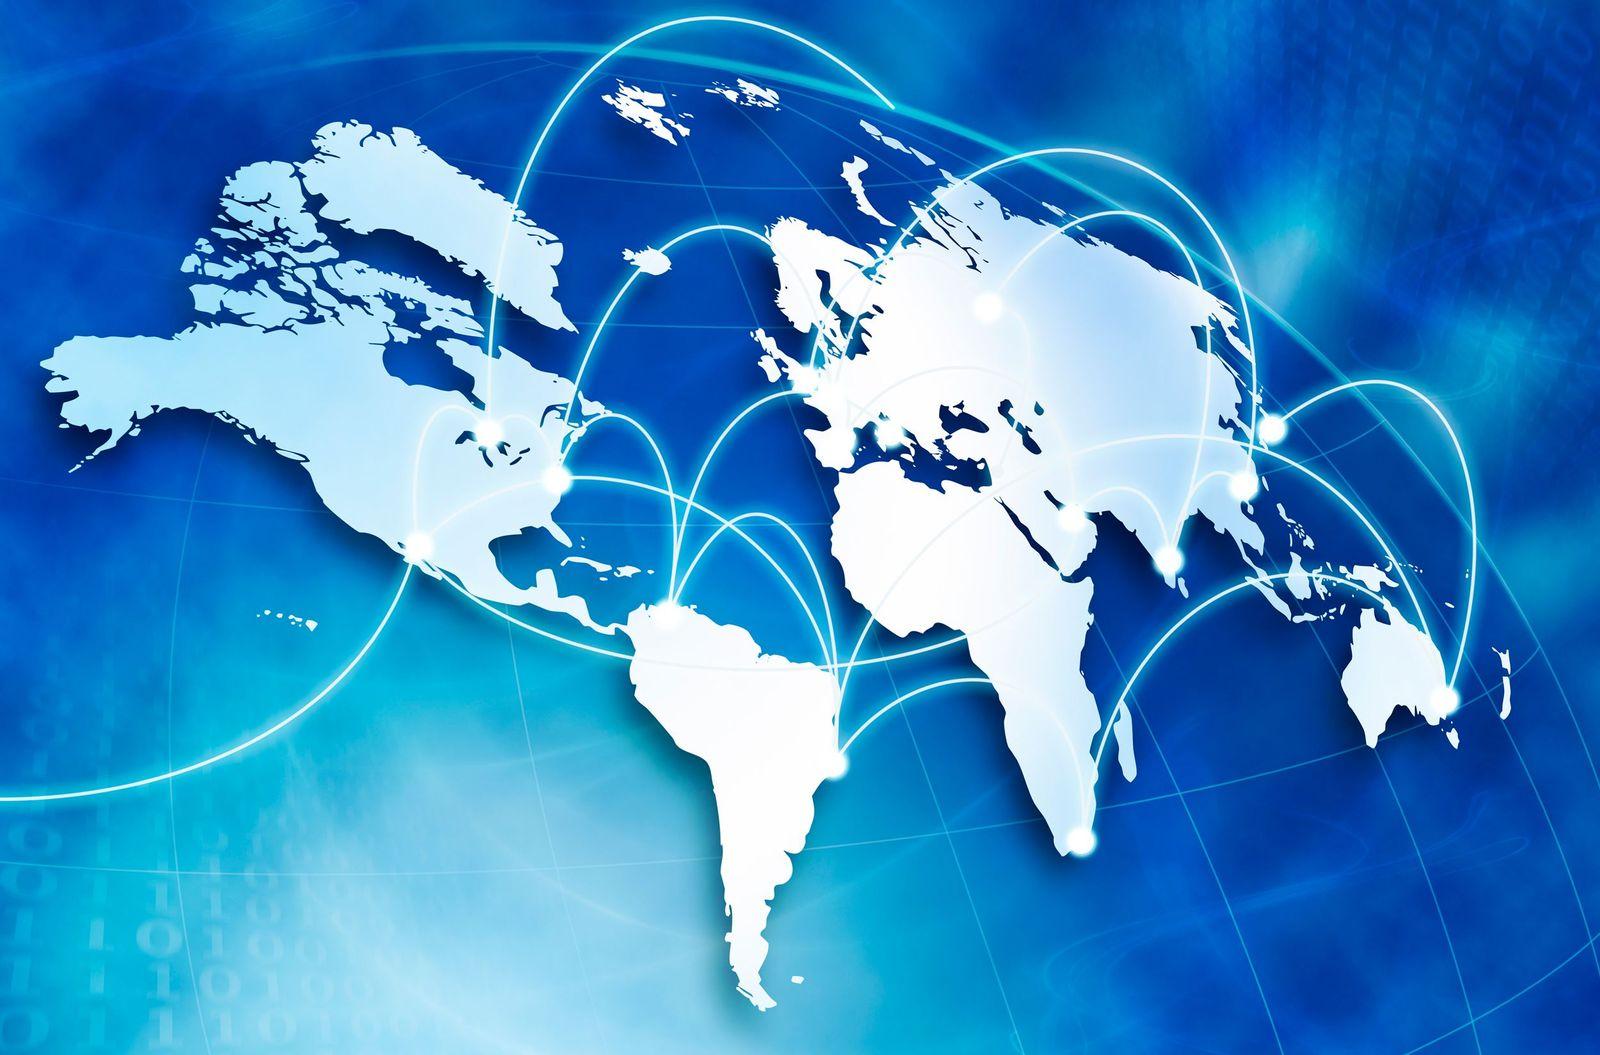 NICHT MEHR VERWENDEN! - Global/ Internet